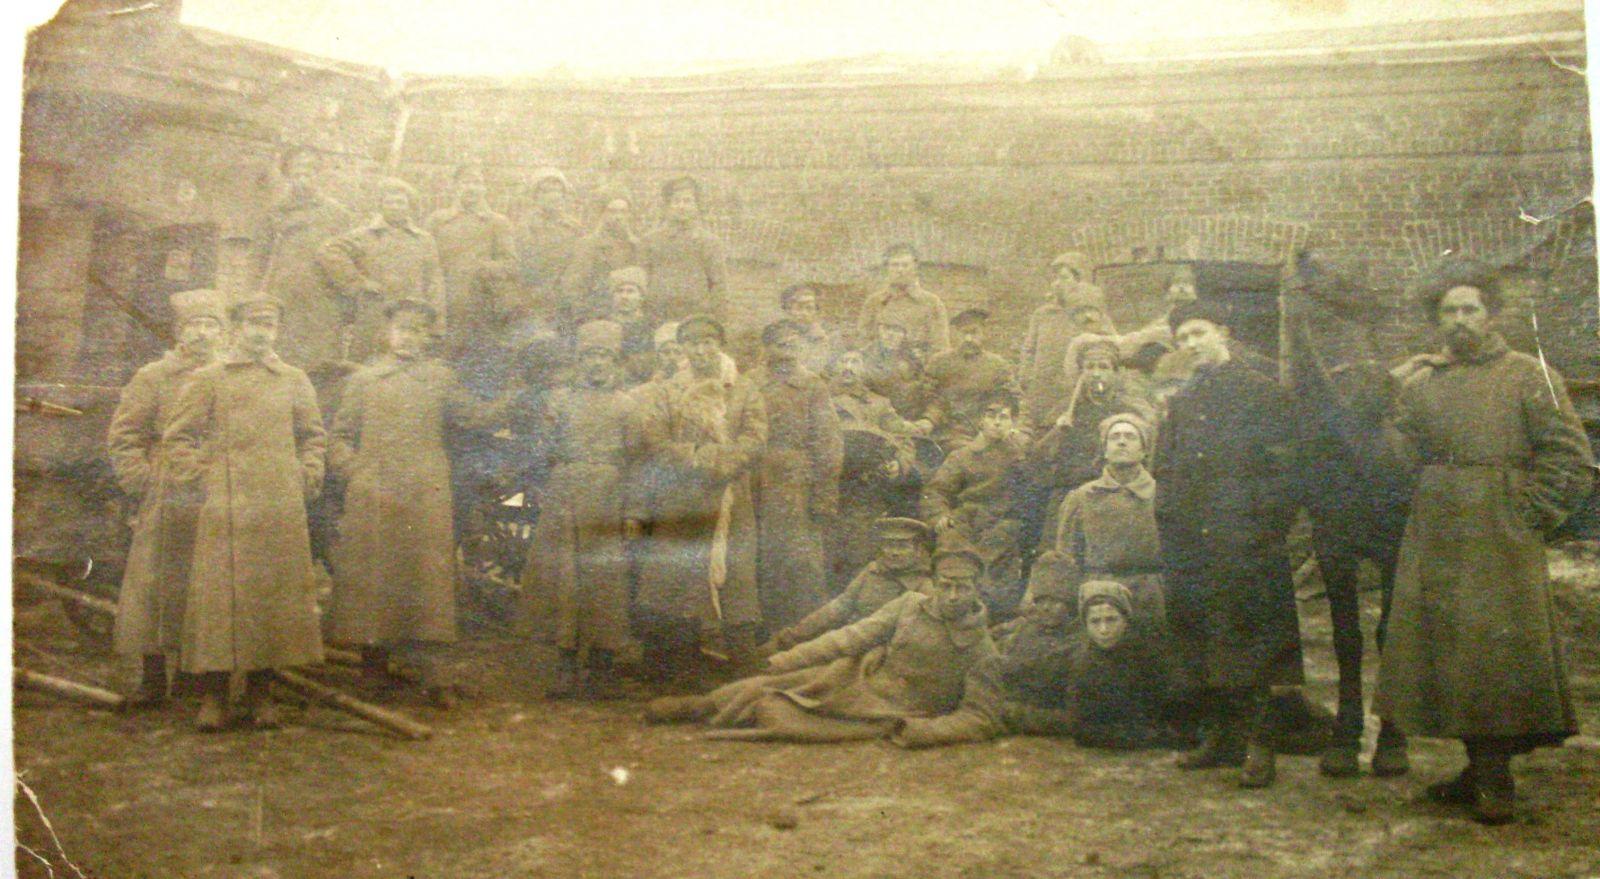 Чи не найгірший різновид «братньої допомоги російського народу» – солдати військ внутрішньої служби. Харків, кінець 1920-го.